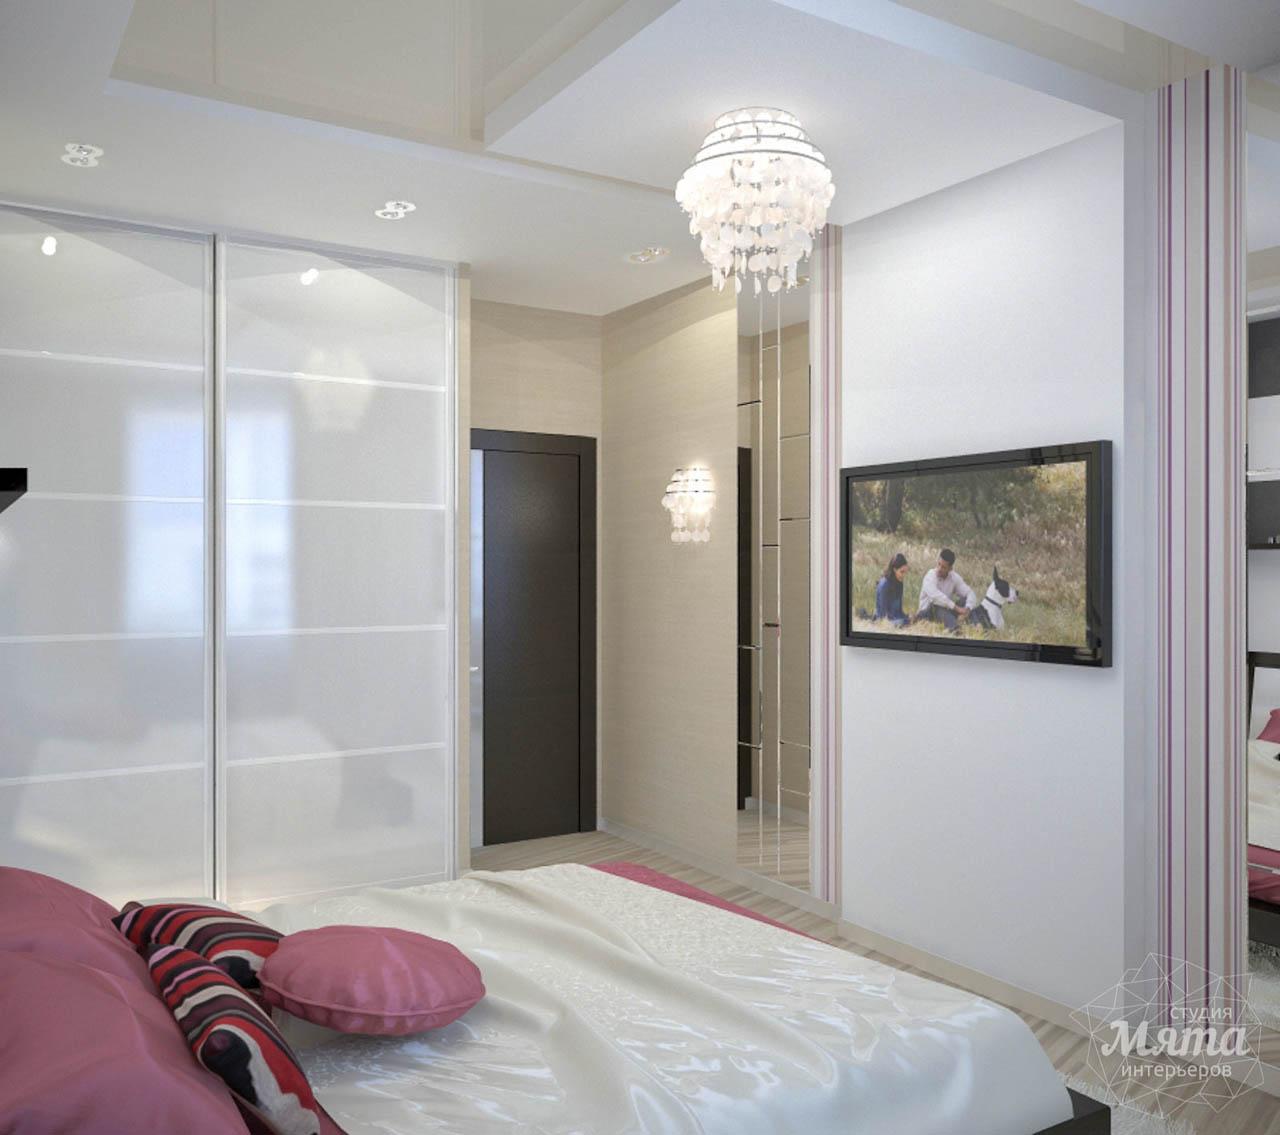 Дизайн интерьера и ремонт трехкомнатной квартиры по ул. Попова 33а img1820468408